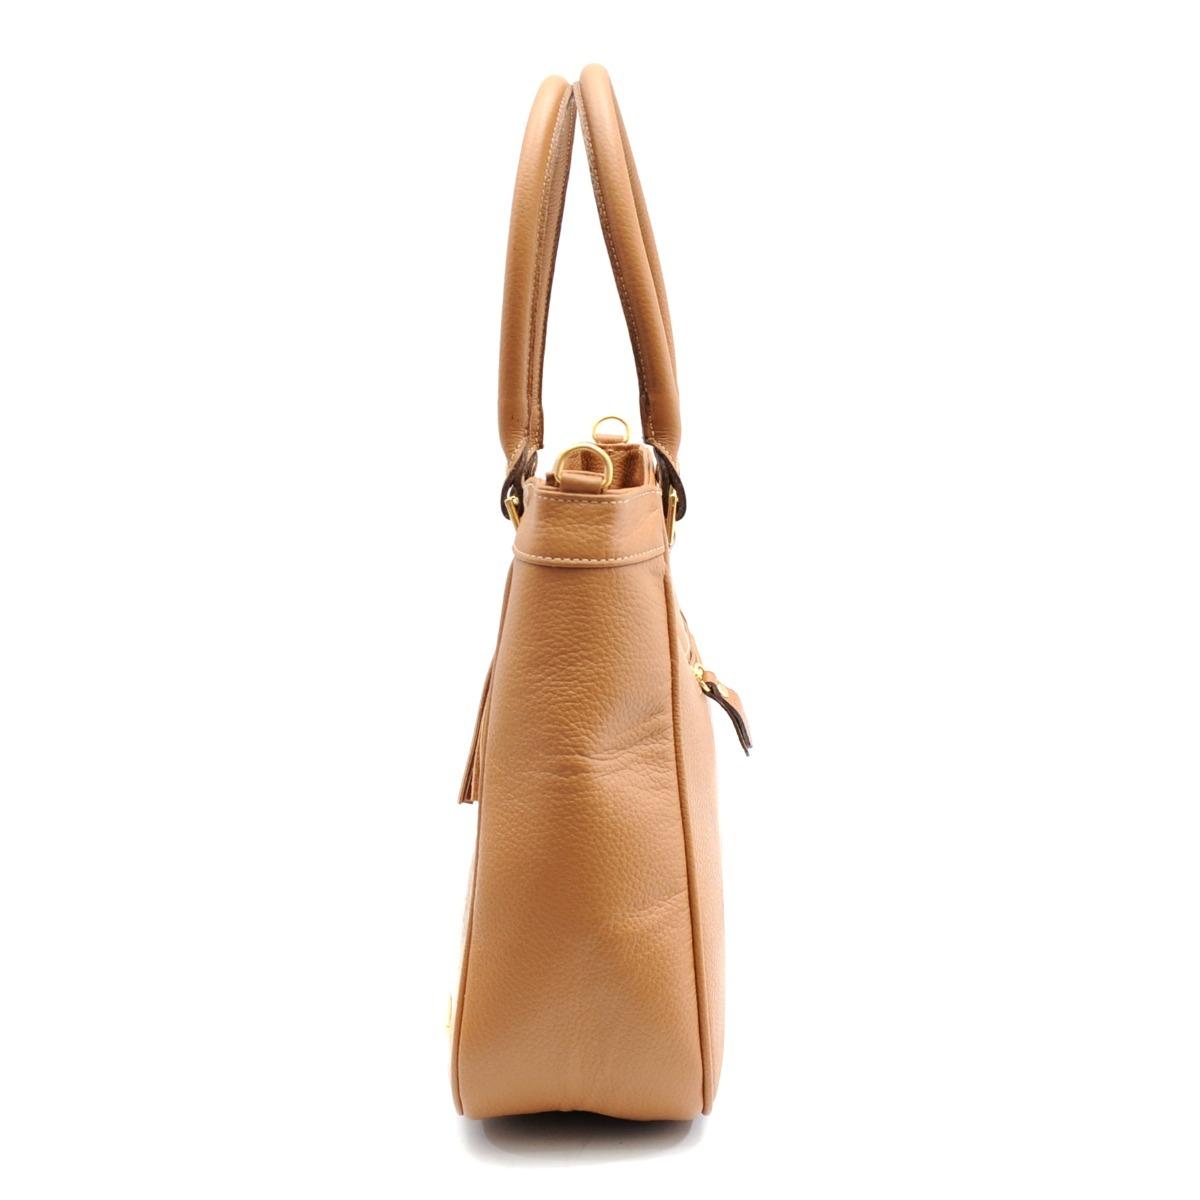 682a657df bolsa feminina transversal couro legítimo moda promoção : ). Carregando zoom .